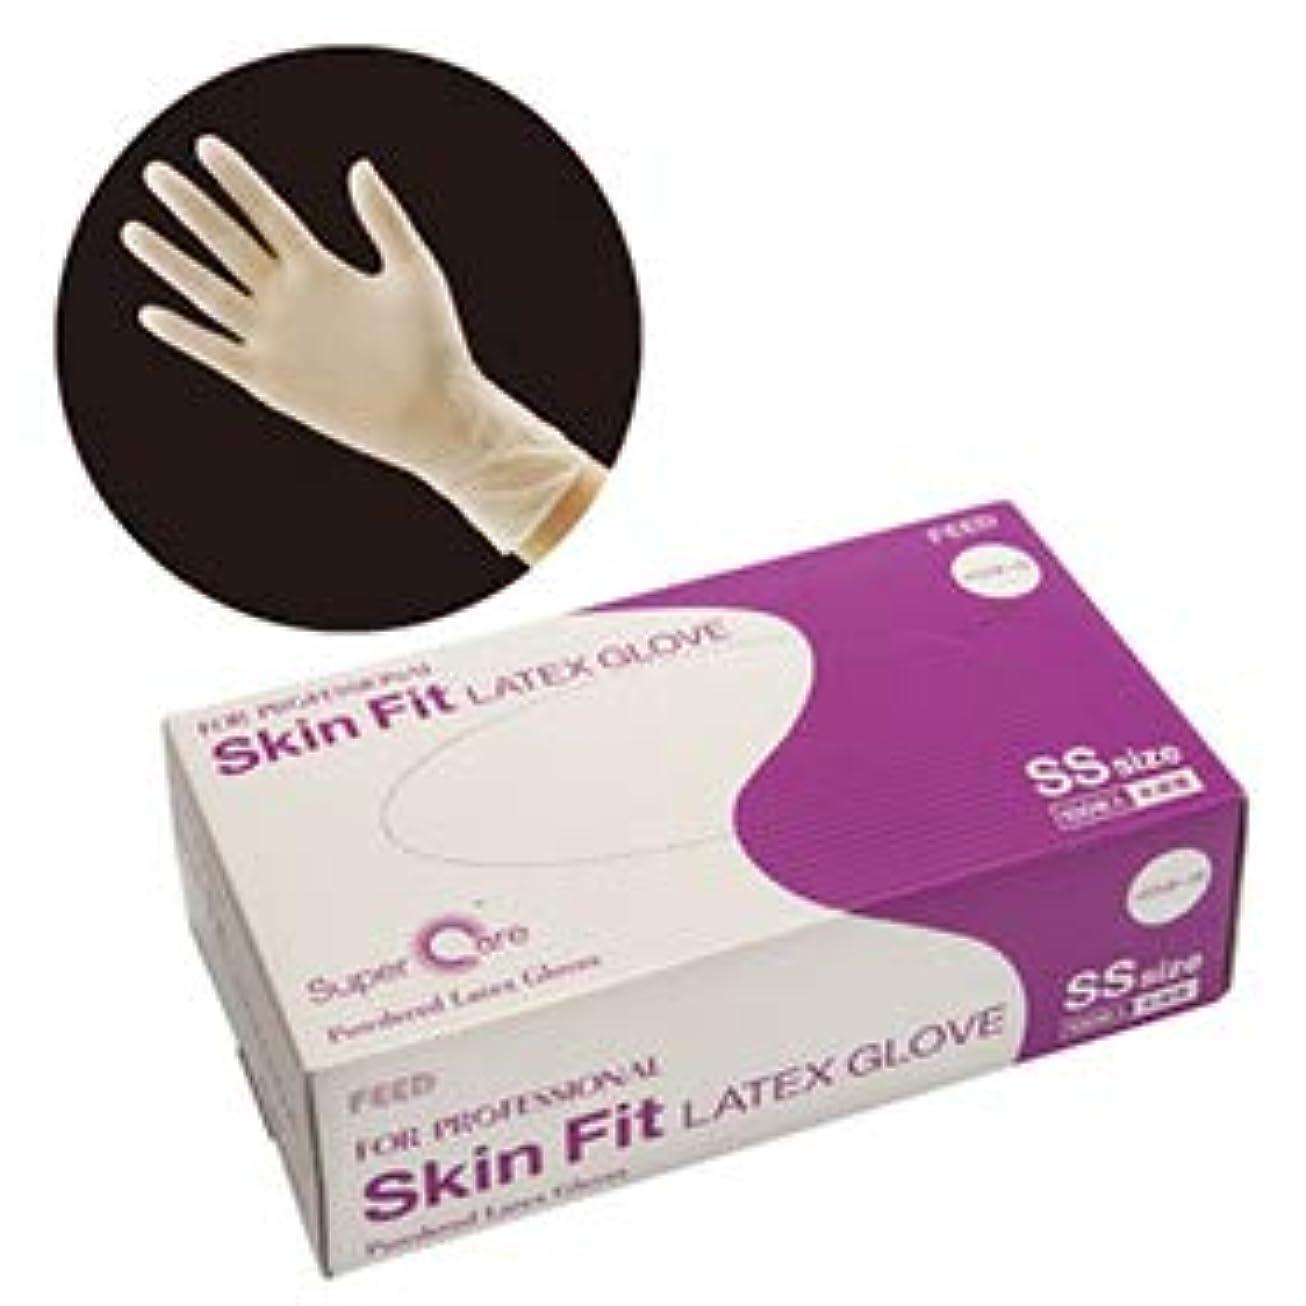 ブレス優先権部屋を掃除するFEED(フィード) Skin Fit ラテックスグローブ パウダー付 SS カートン(100枚入×10ケース) (作業用)